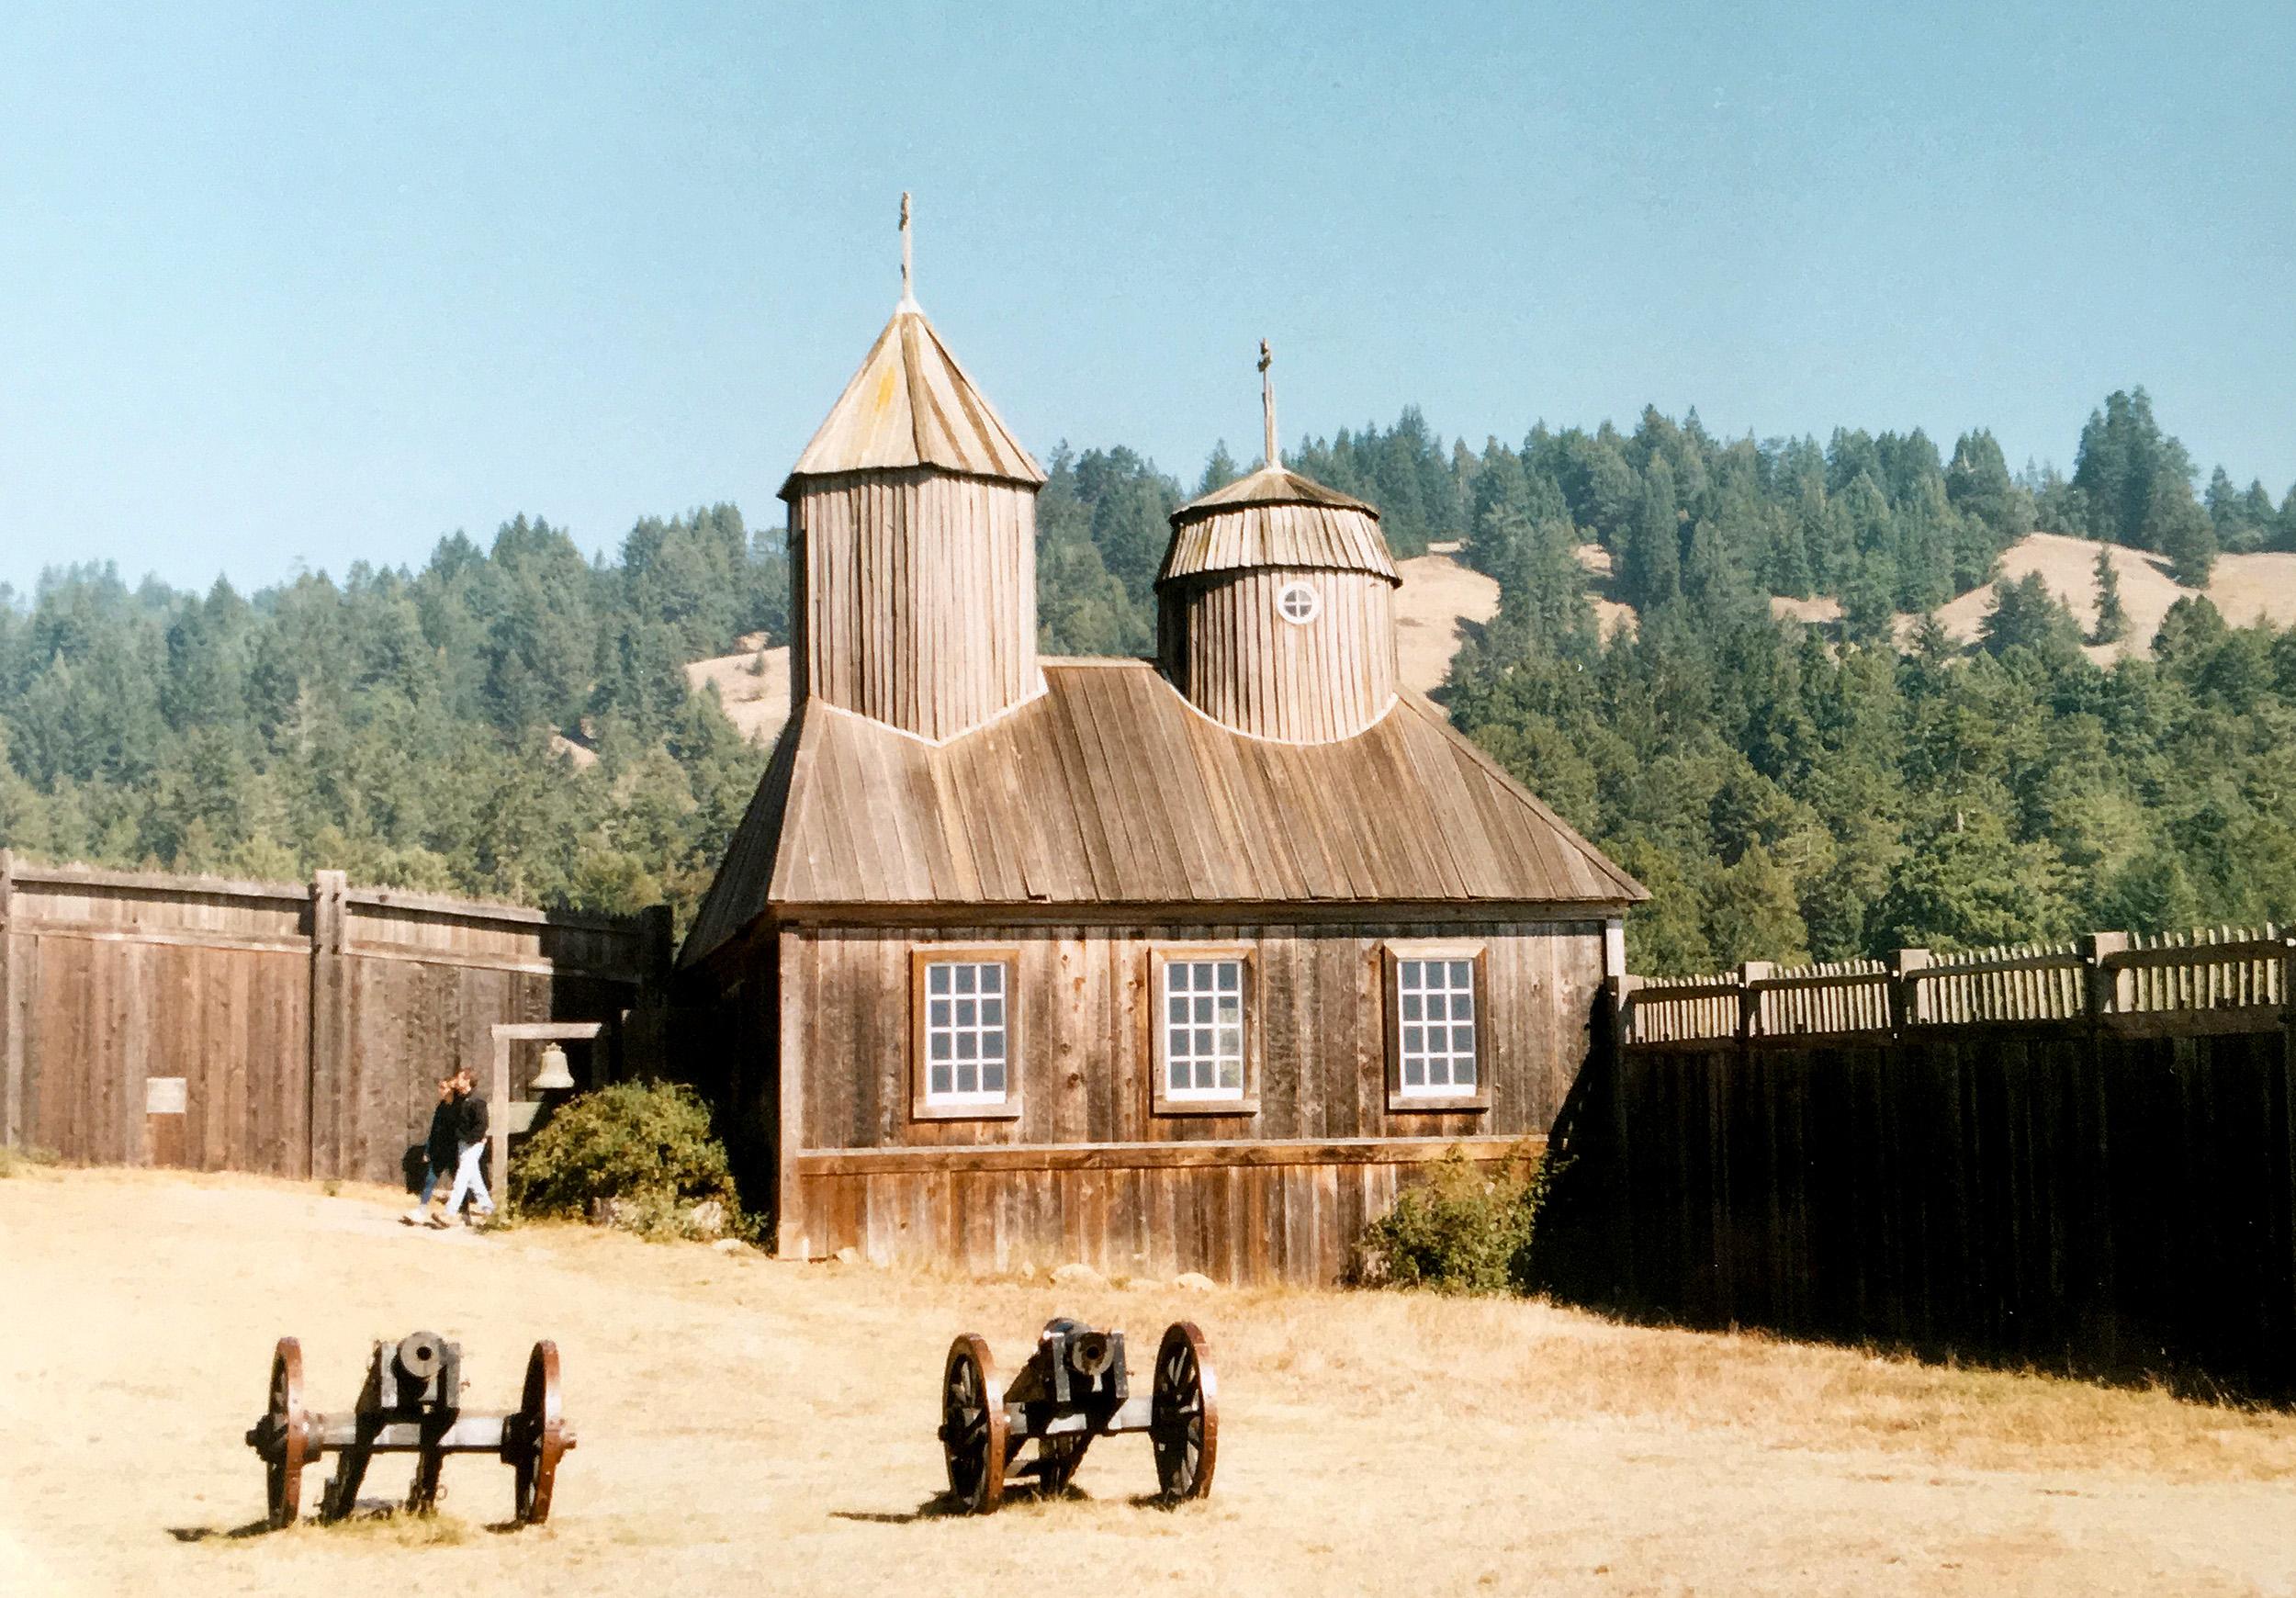 Fort Ross